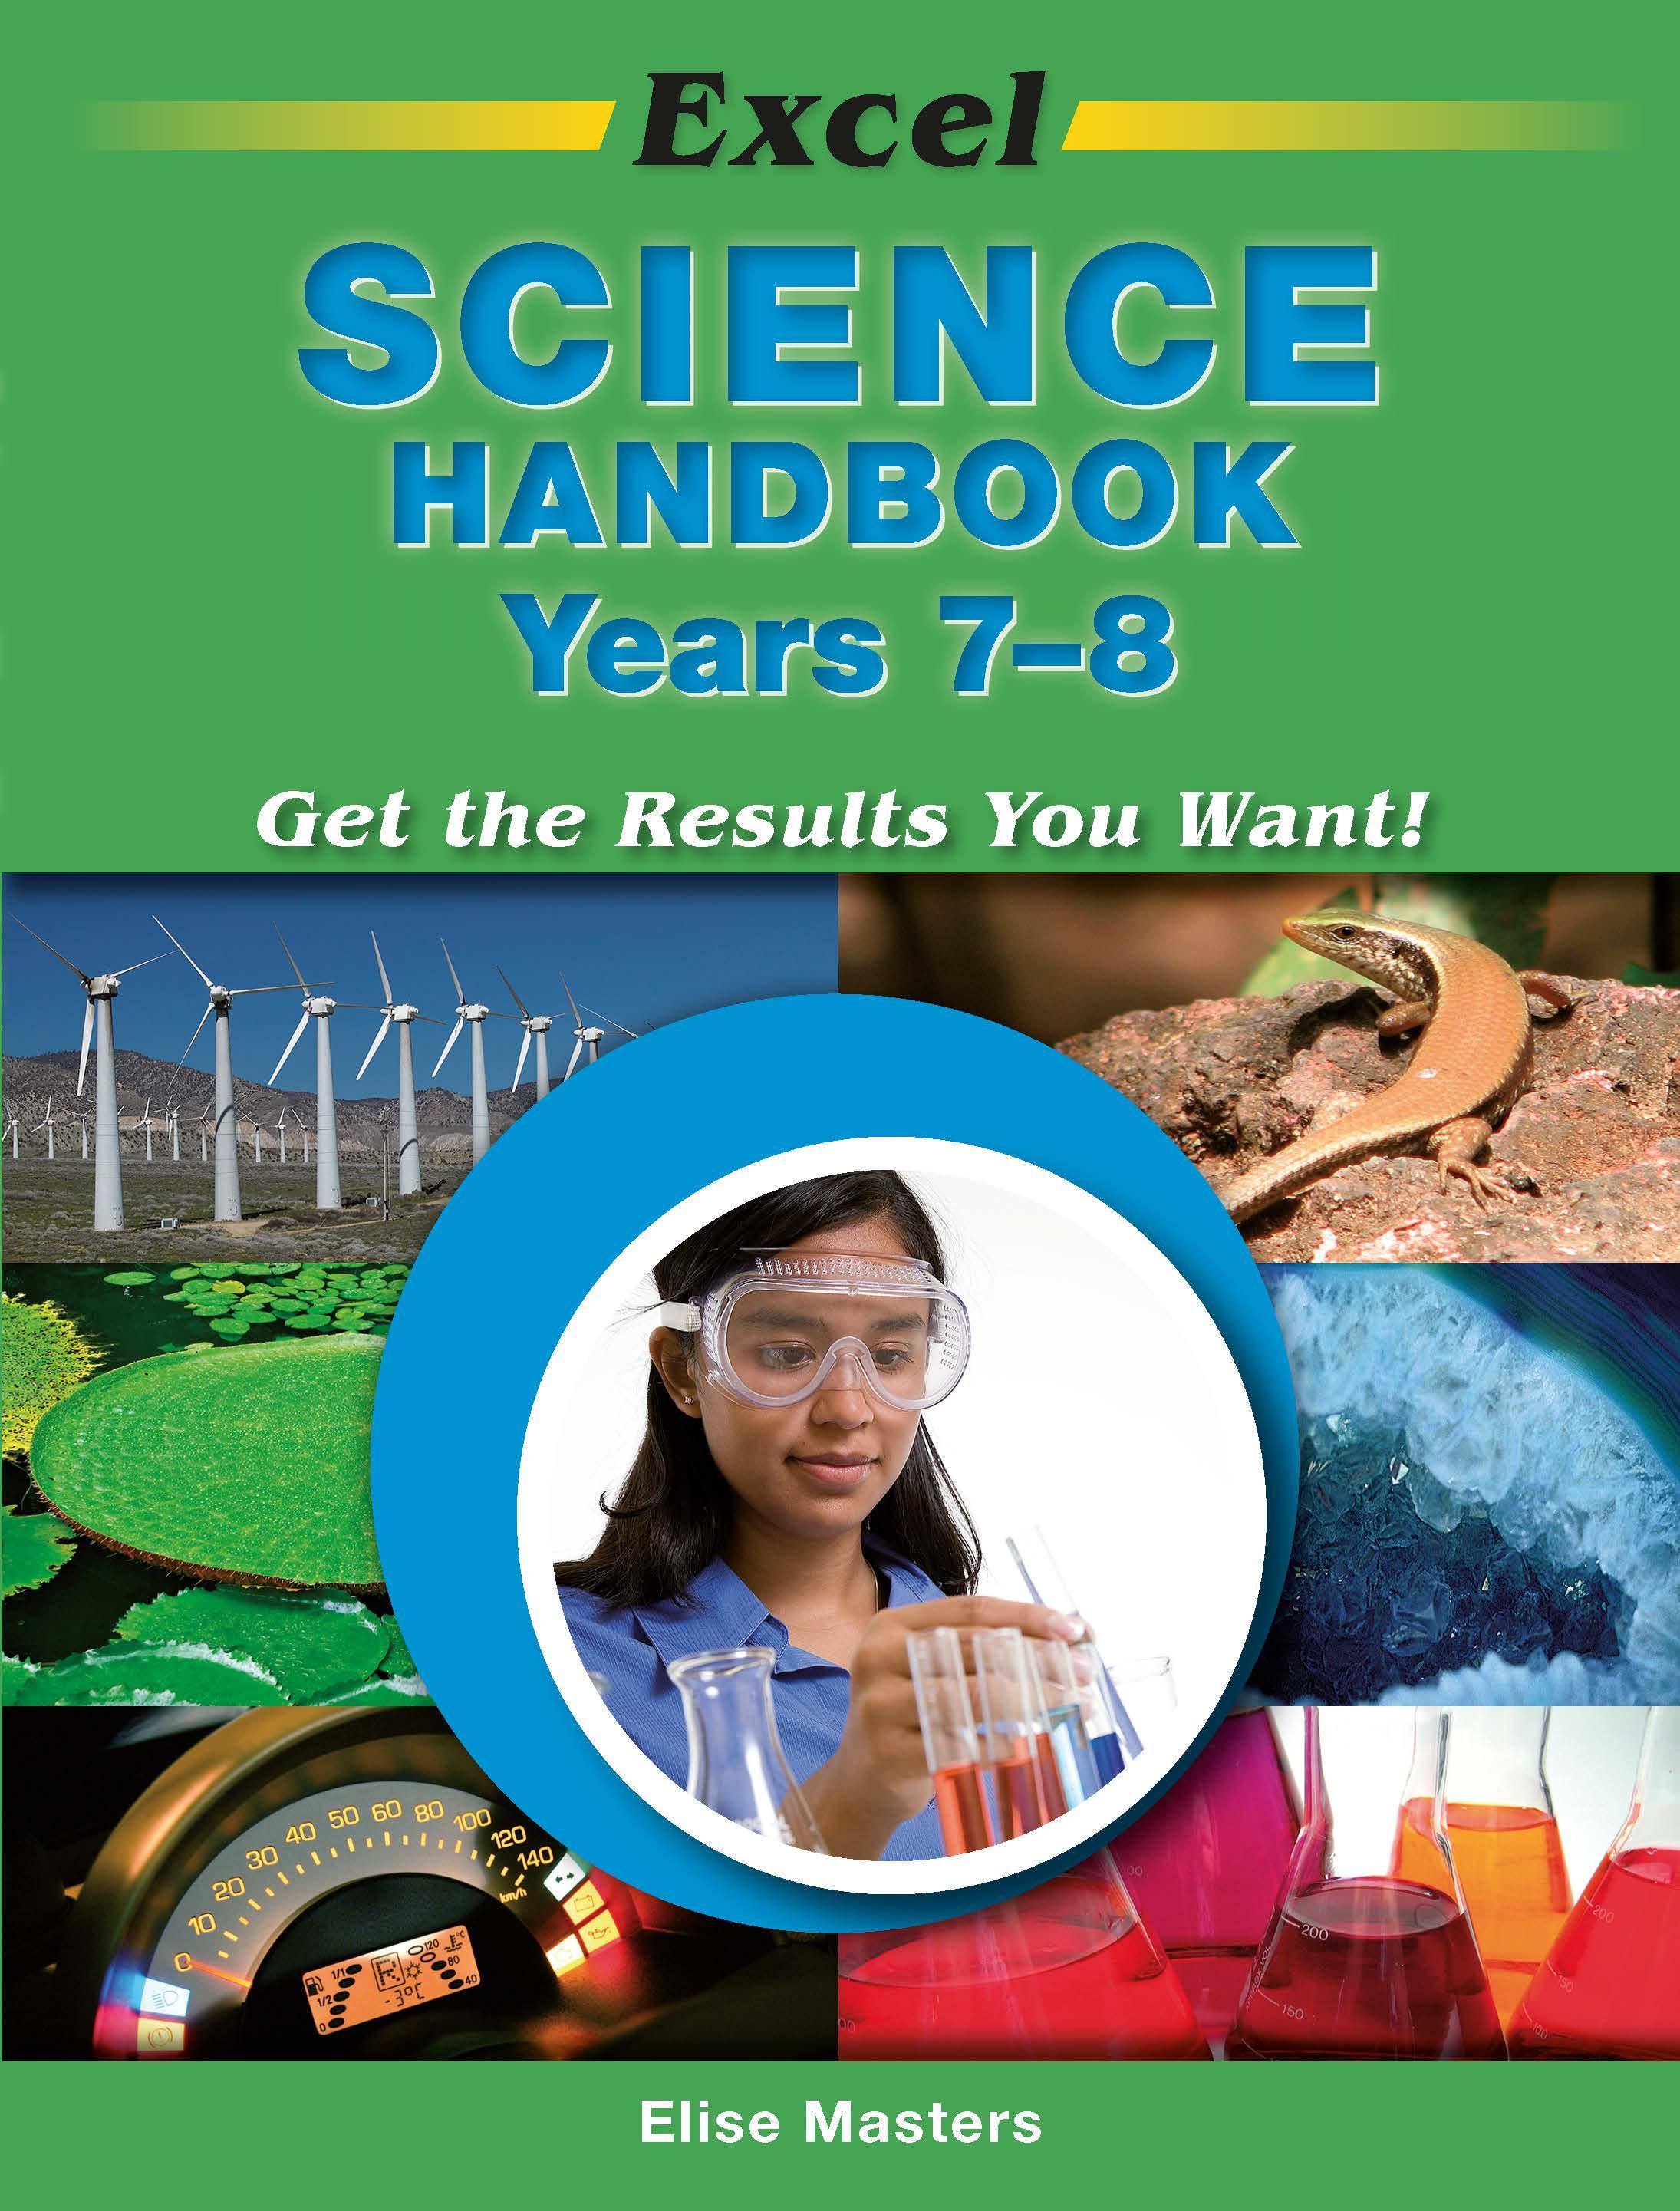 Excel Science Handbook Years 7-8